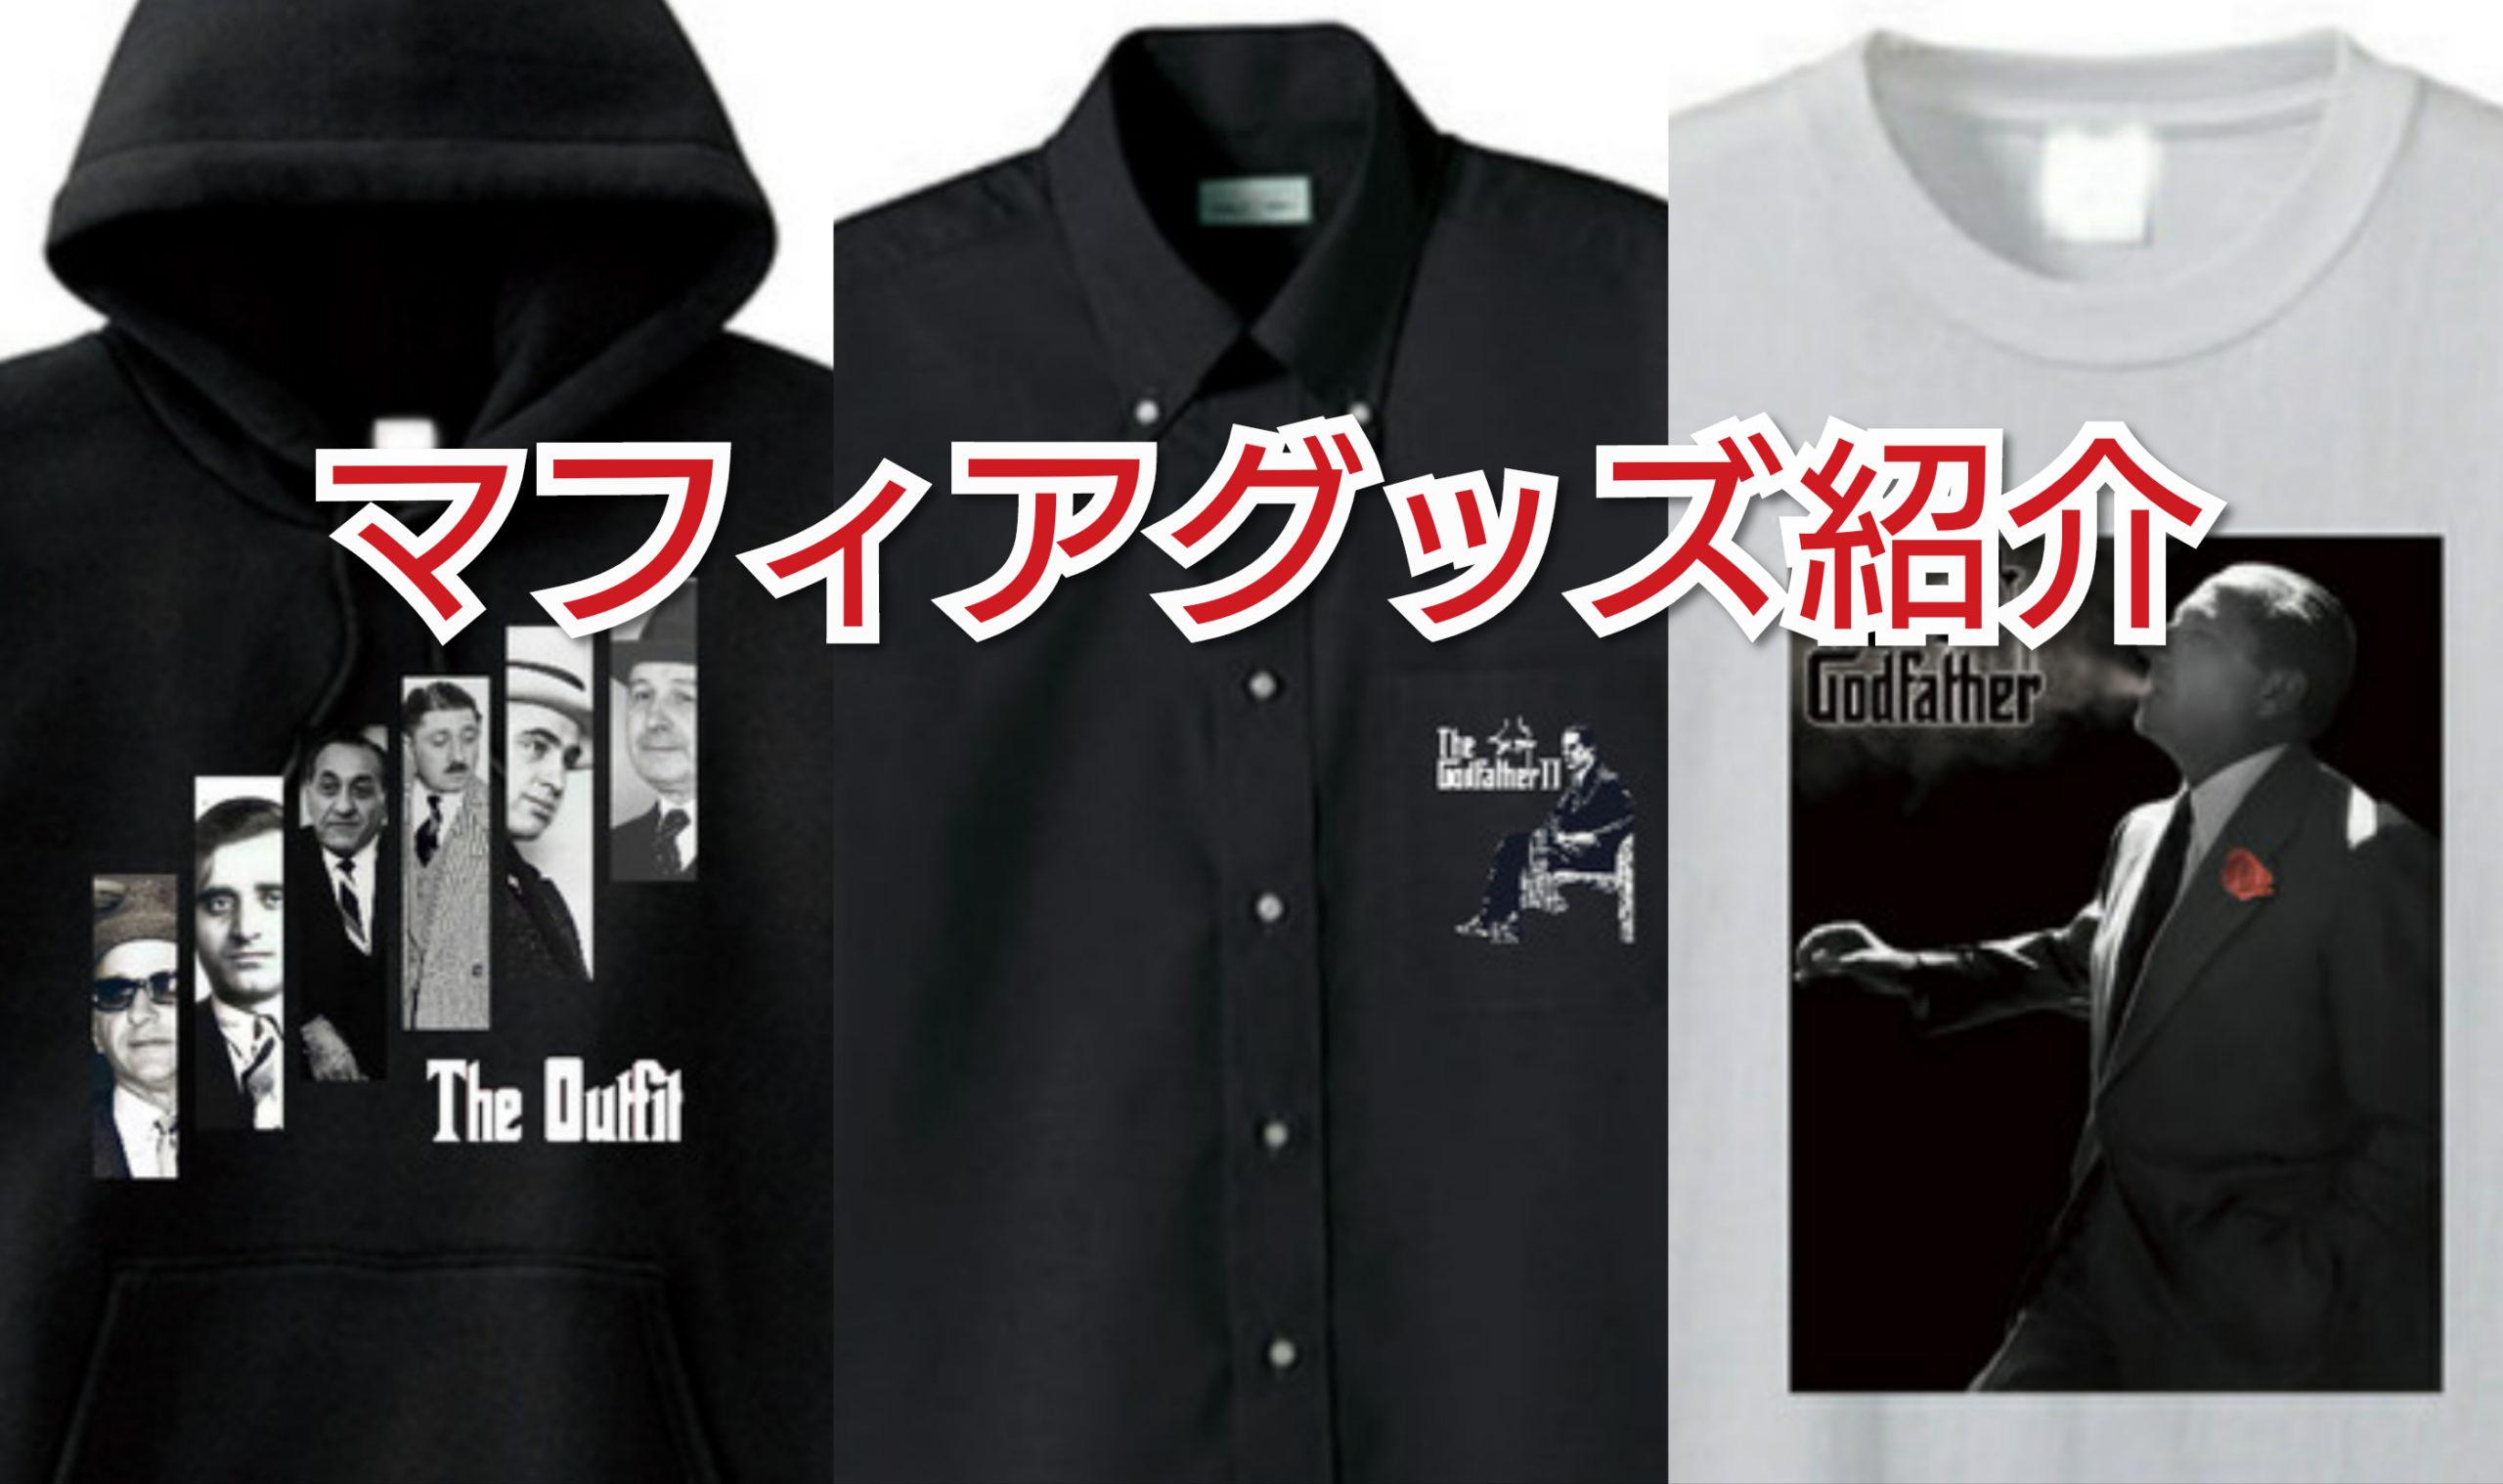 ゴッドファーザーTシャツ ファッション アイテム